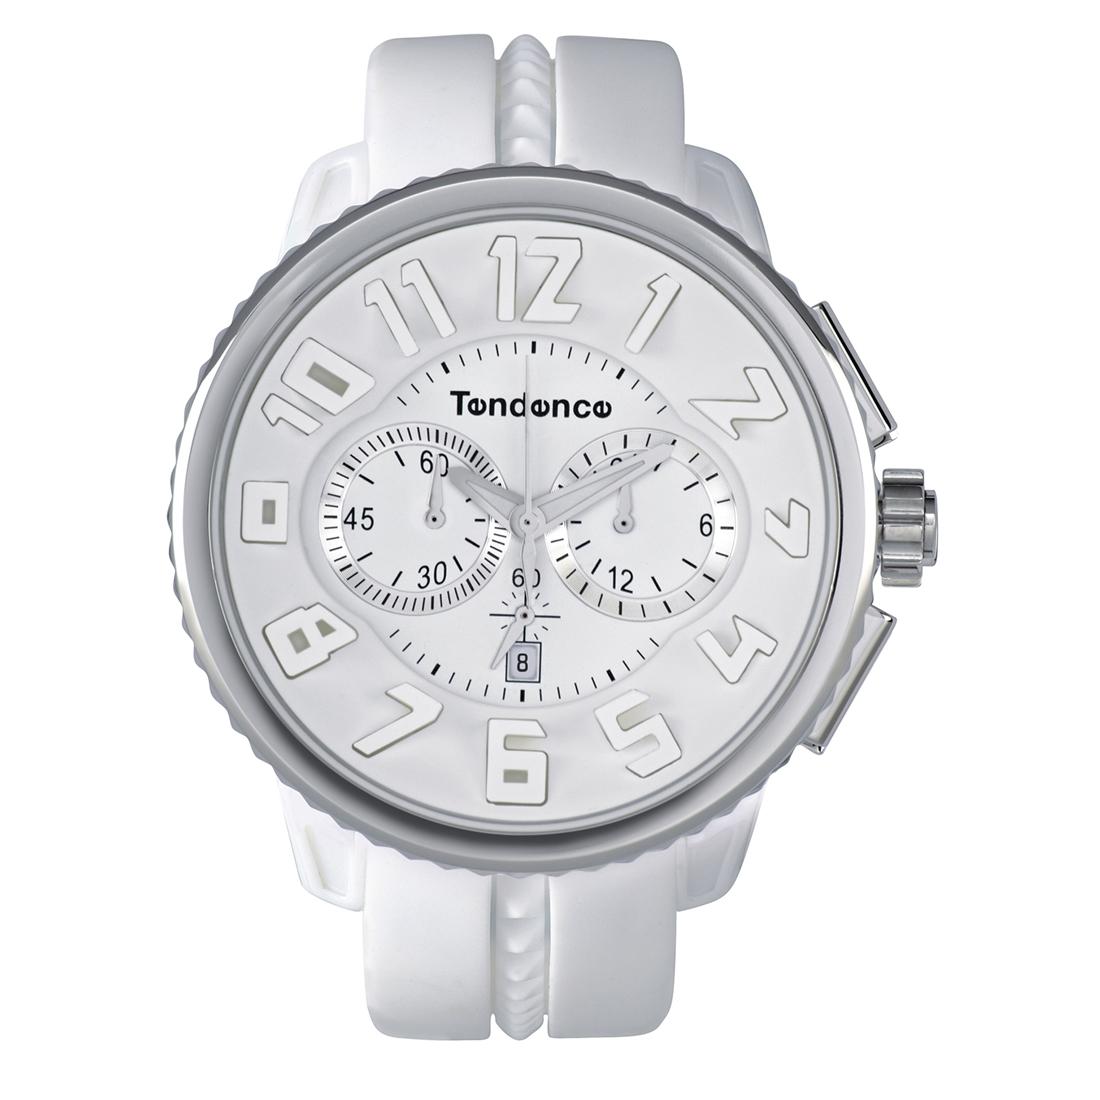 【今ならオーバーサイズノートプレゼント】 テンデンス Tendence TG036013 ガリバー ラウンド クロノグラフ 正規品 腕時計